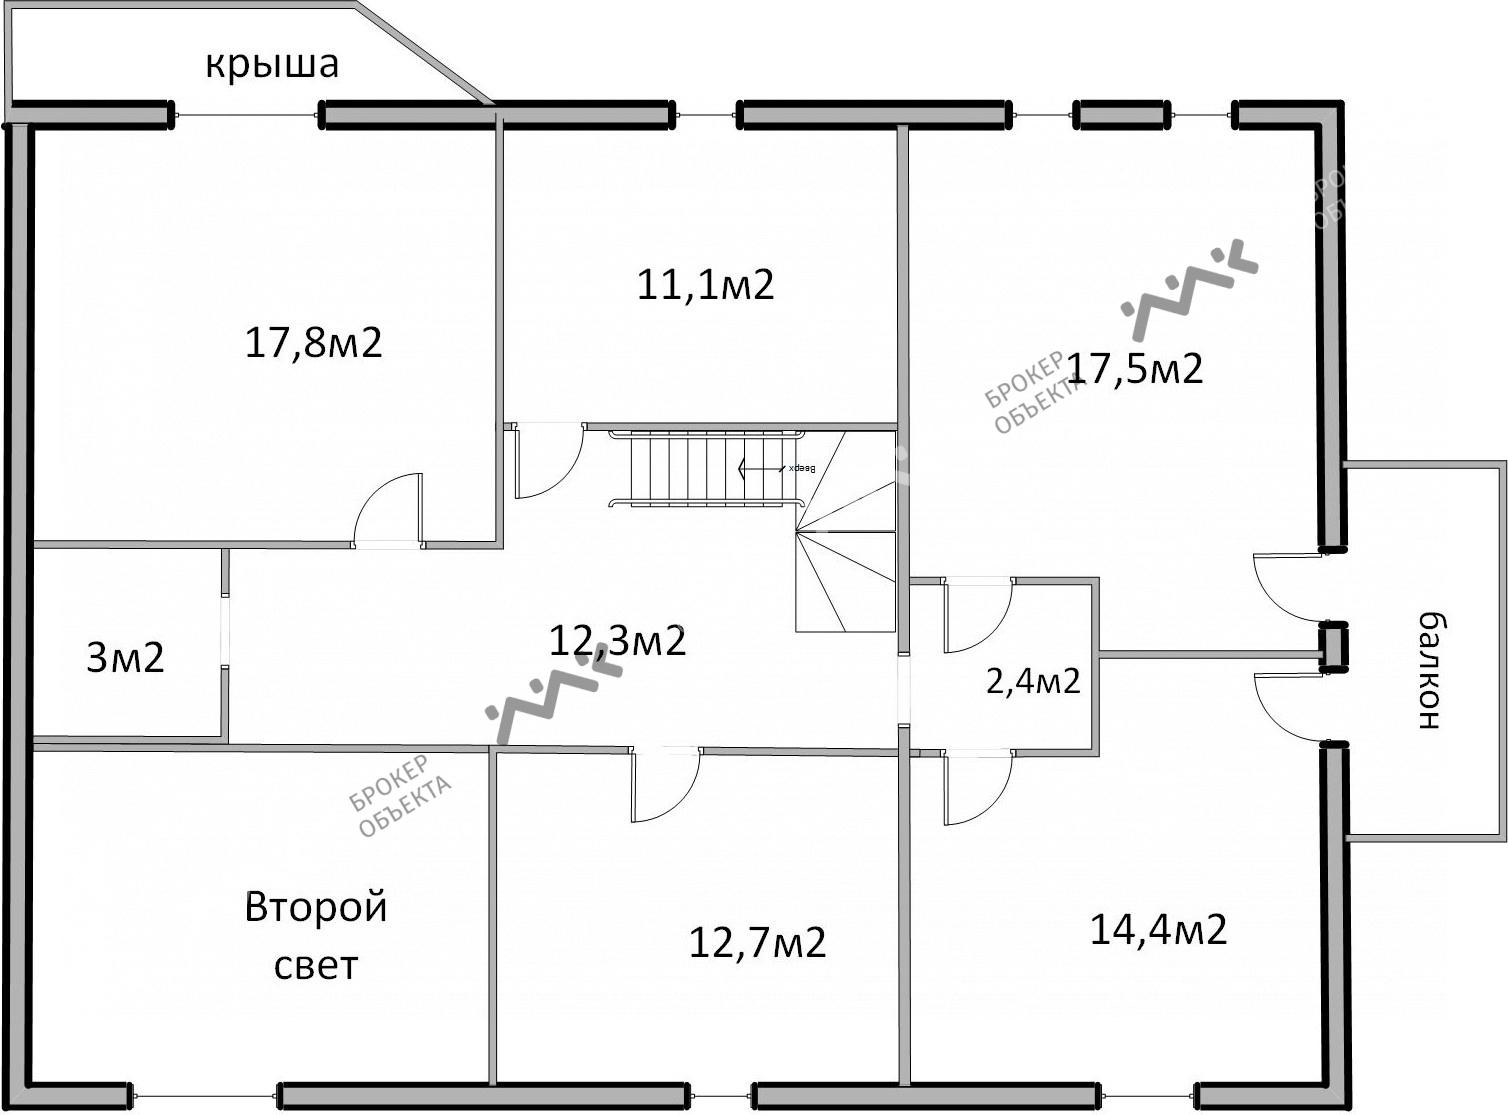 Планировка Черная Речка мкр.. Лот № 3388691